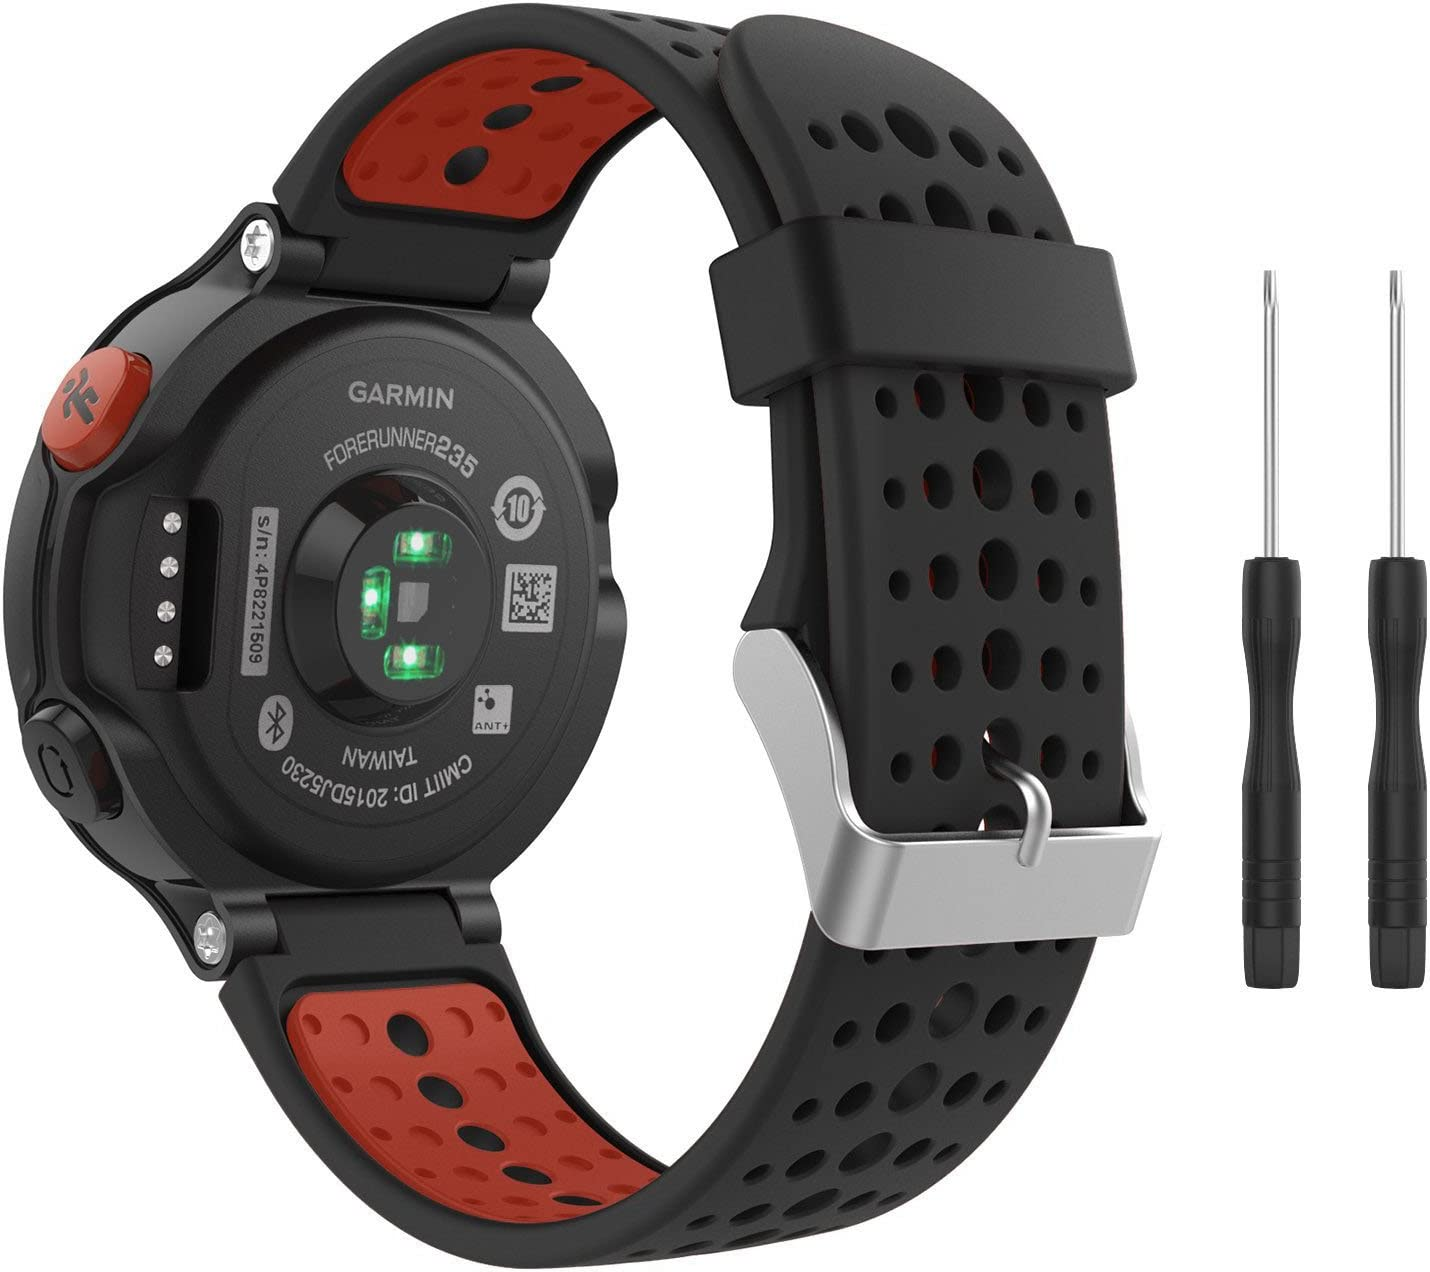 Correa de reloj de silicona suave para Garmin Forerunner 235 de Fit-power, repuesto ideal para Garmin Forerunner 235, 220, 230, 620, 630 y 735